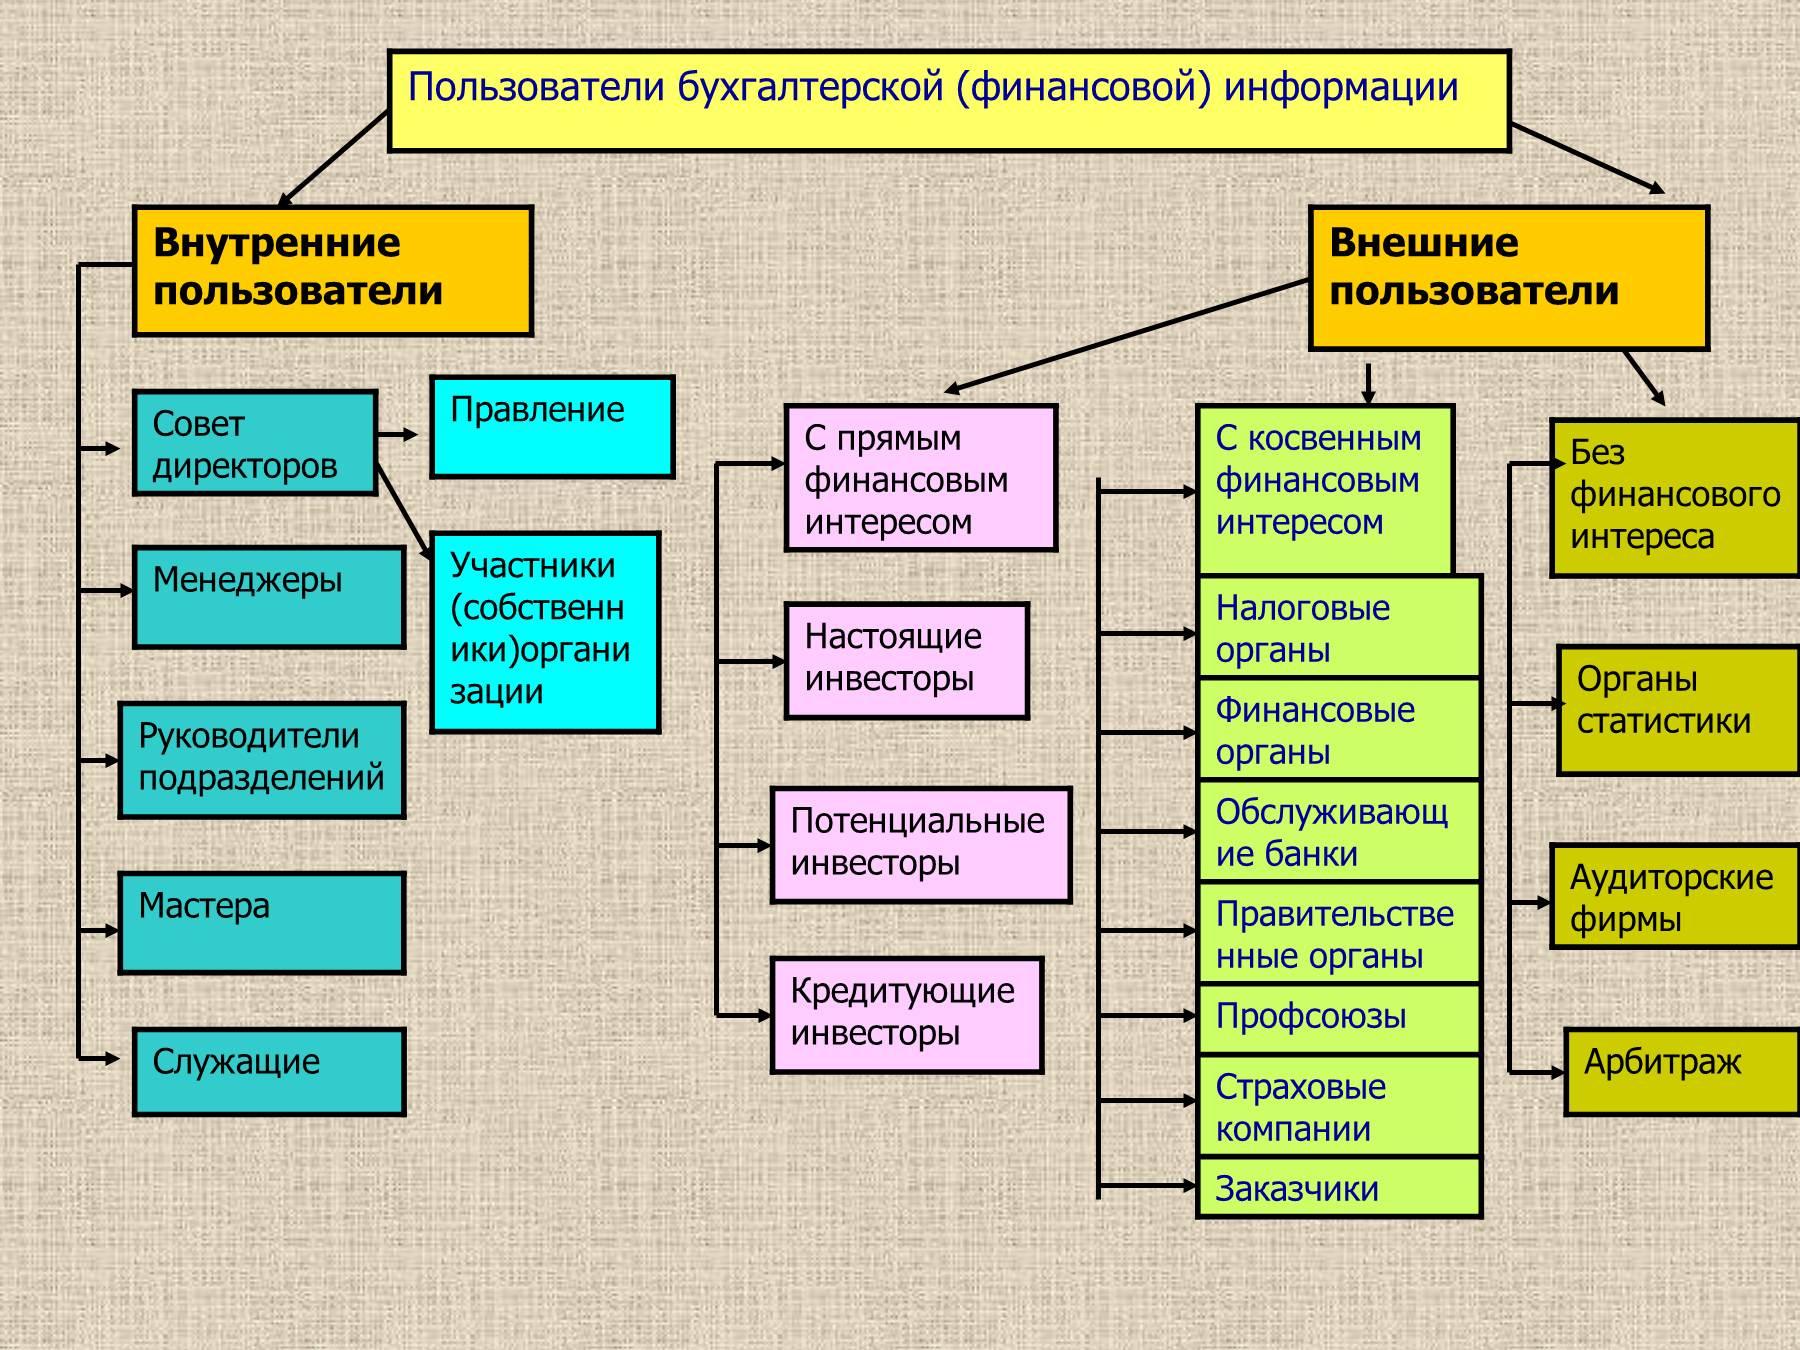 Финансовая структура по внешней и внутренней схеме